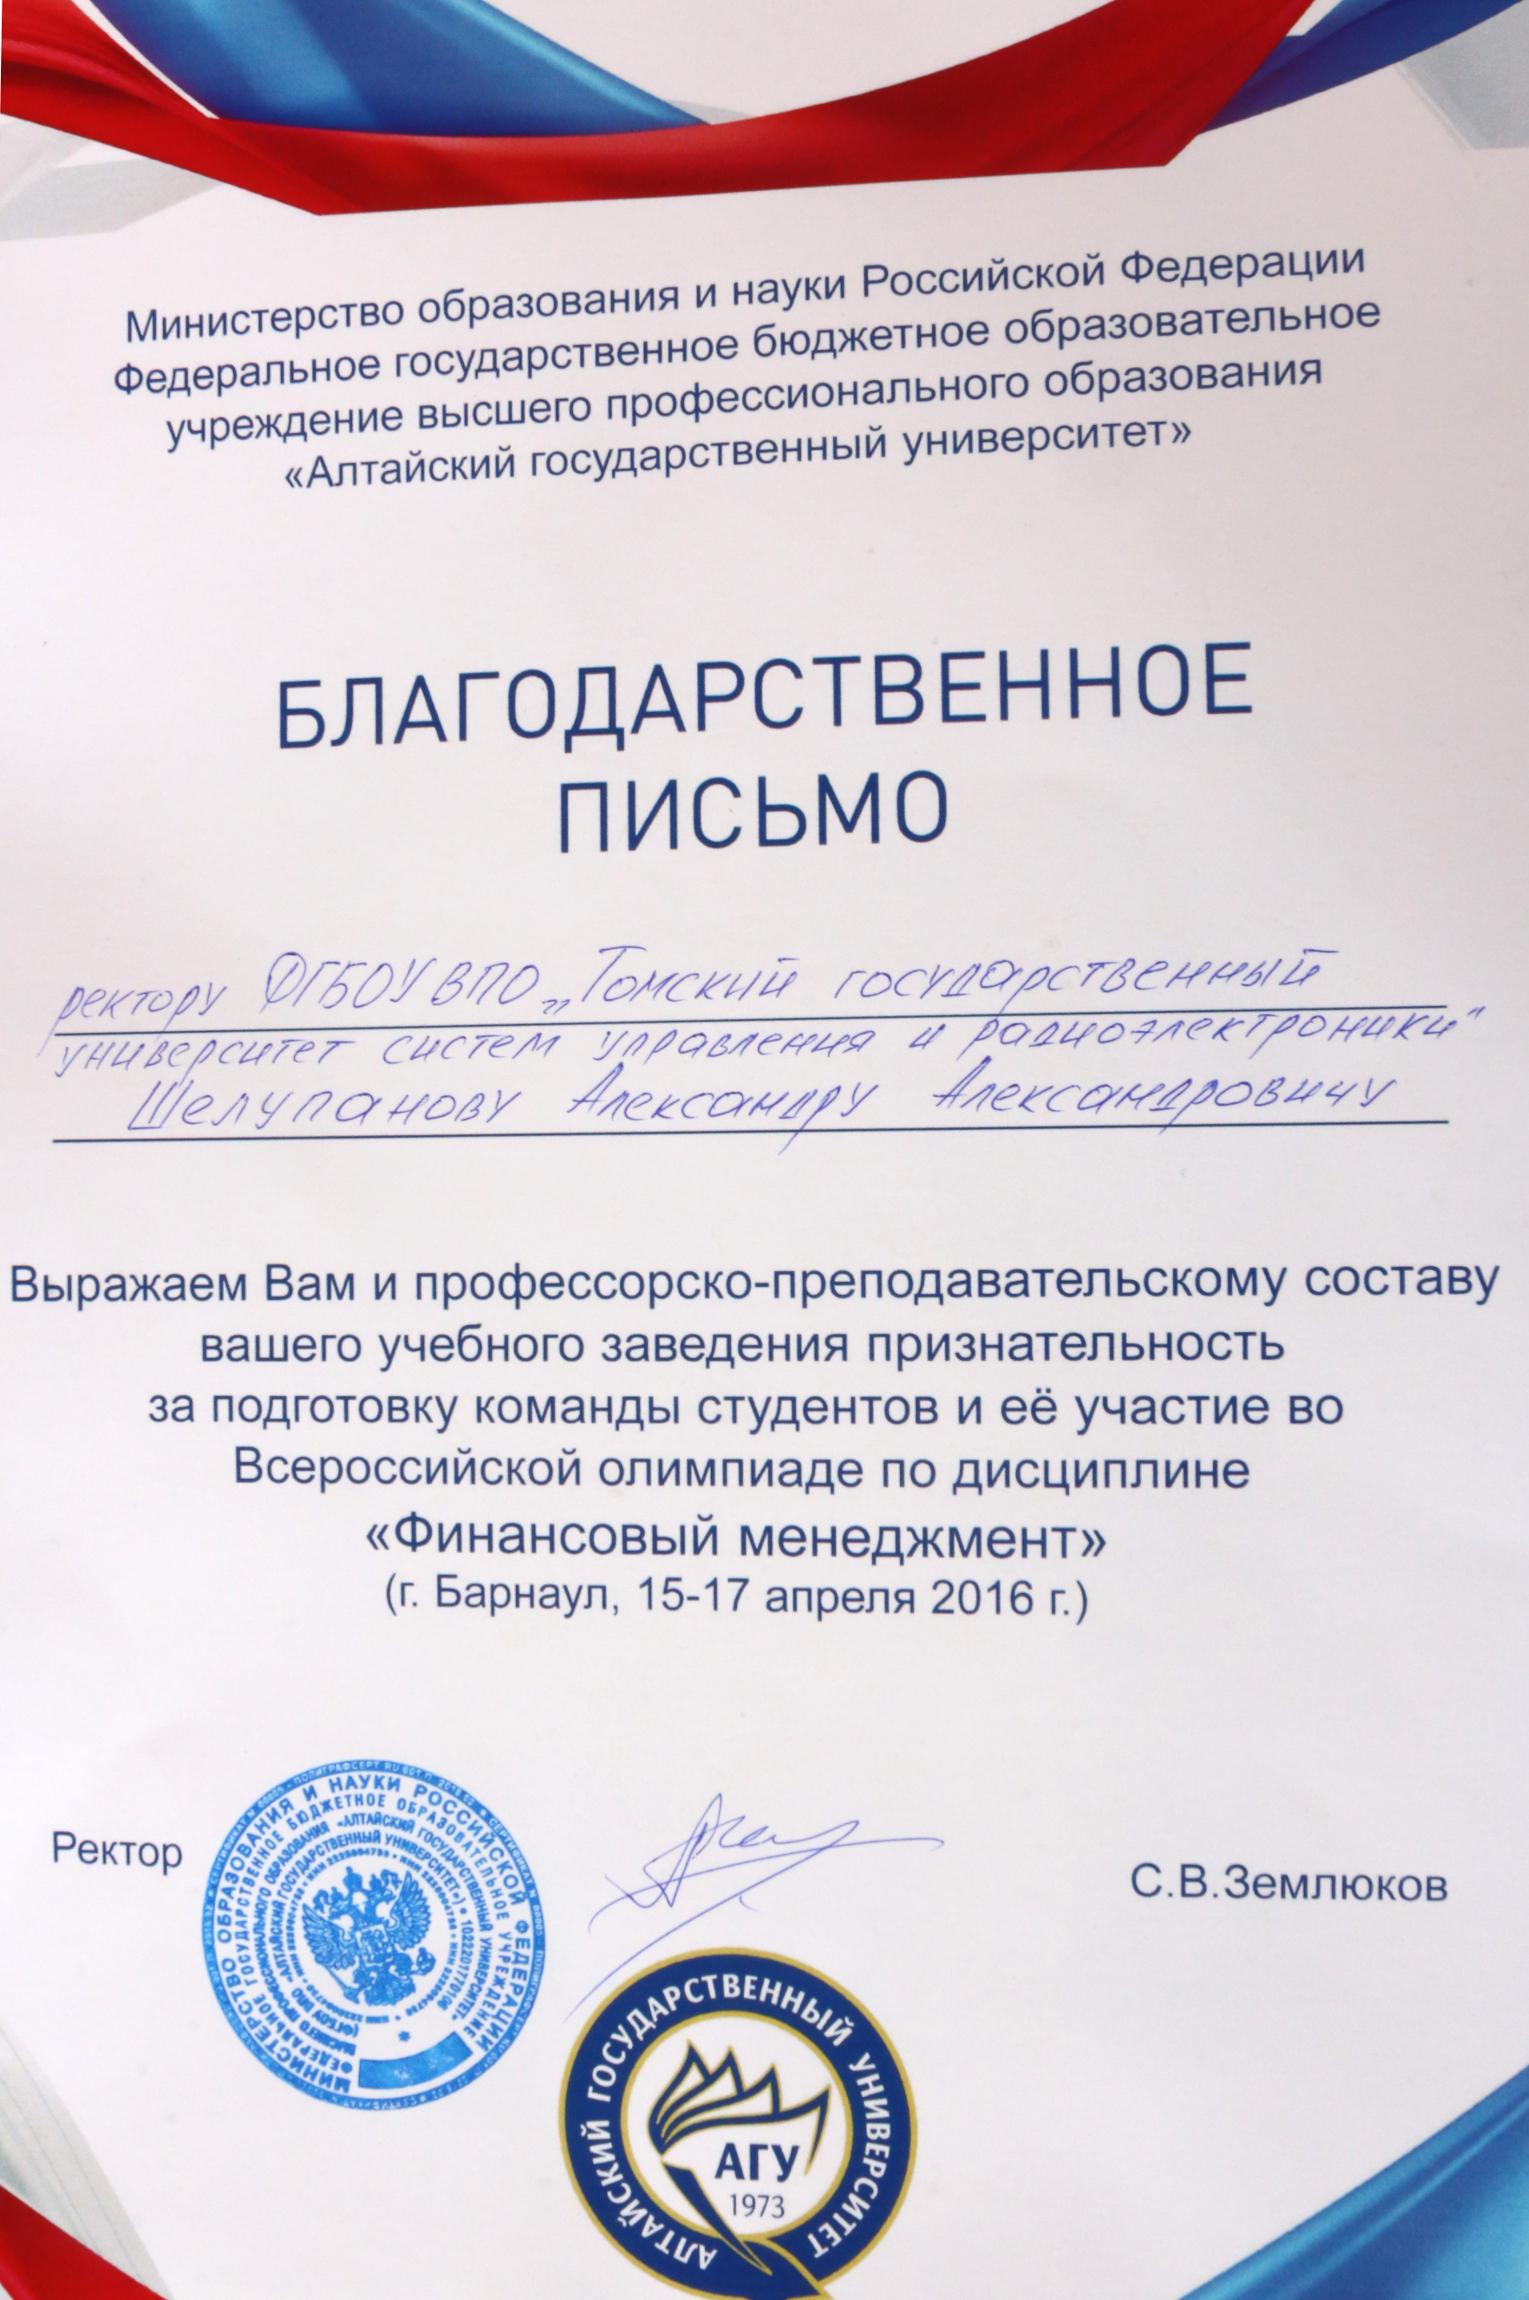 Студенты ТУСУРа приняли участие вовсероссийской олимпиаде поменеджменту